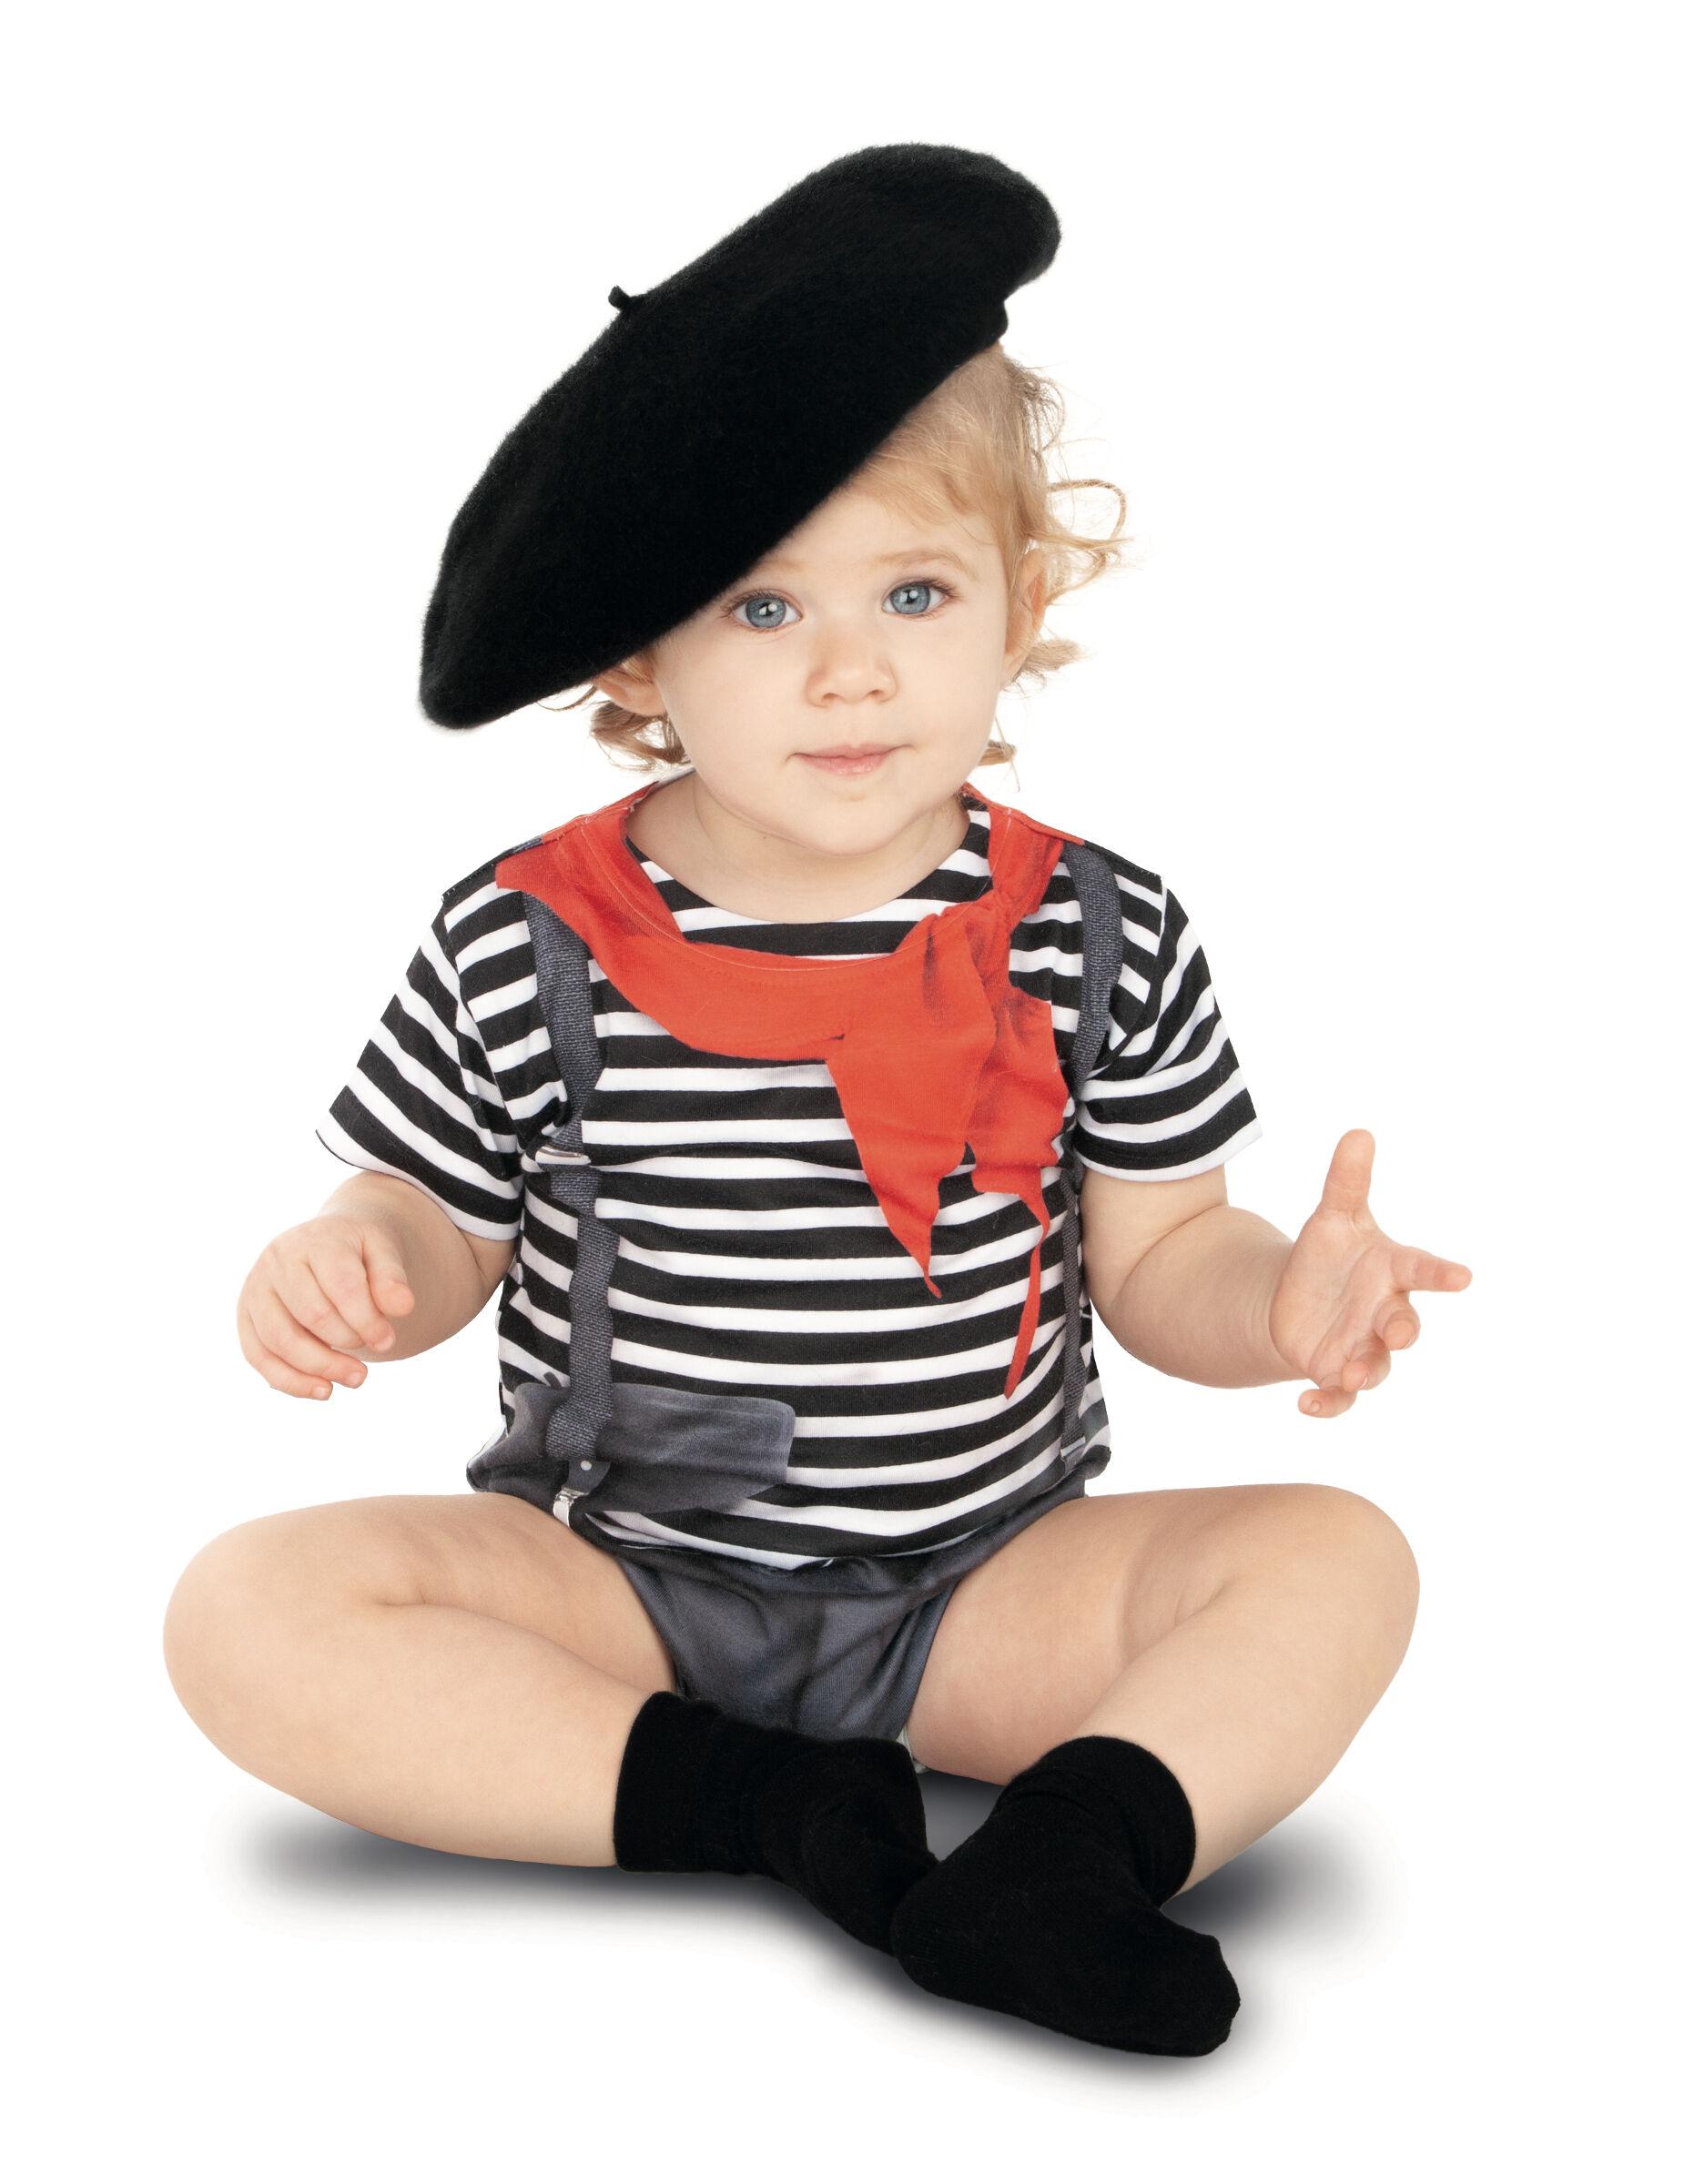 Deguisetoi Déguisement body mime bébé - Taille: 12 - 18 mois (80 cm)